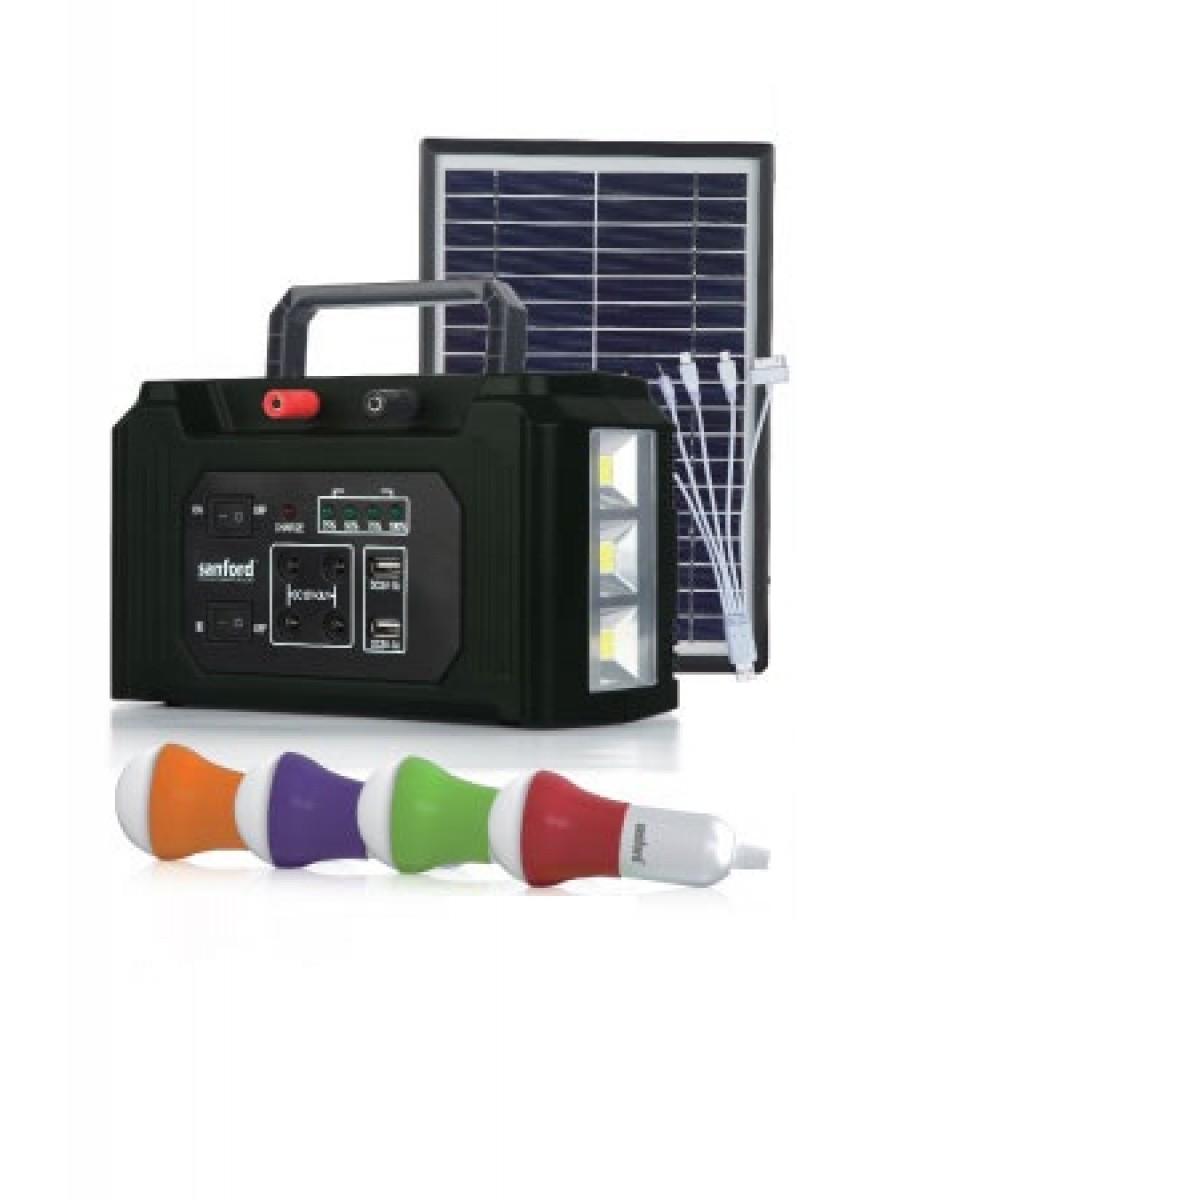 محطة  طاقة شمسية  سانفورد SF4999PS